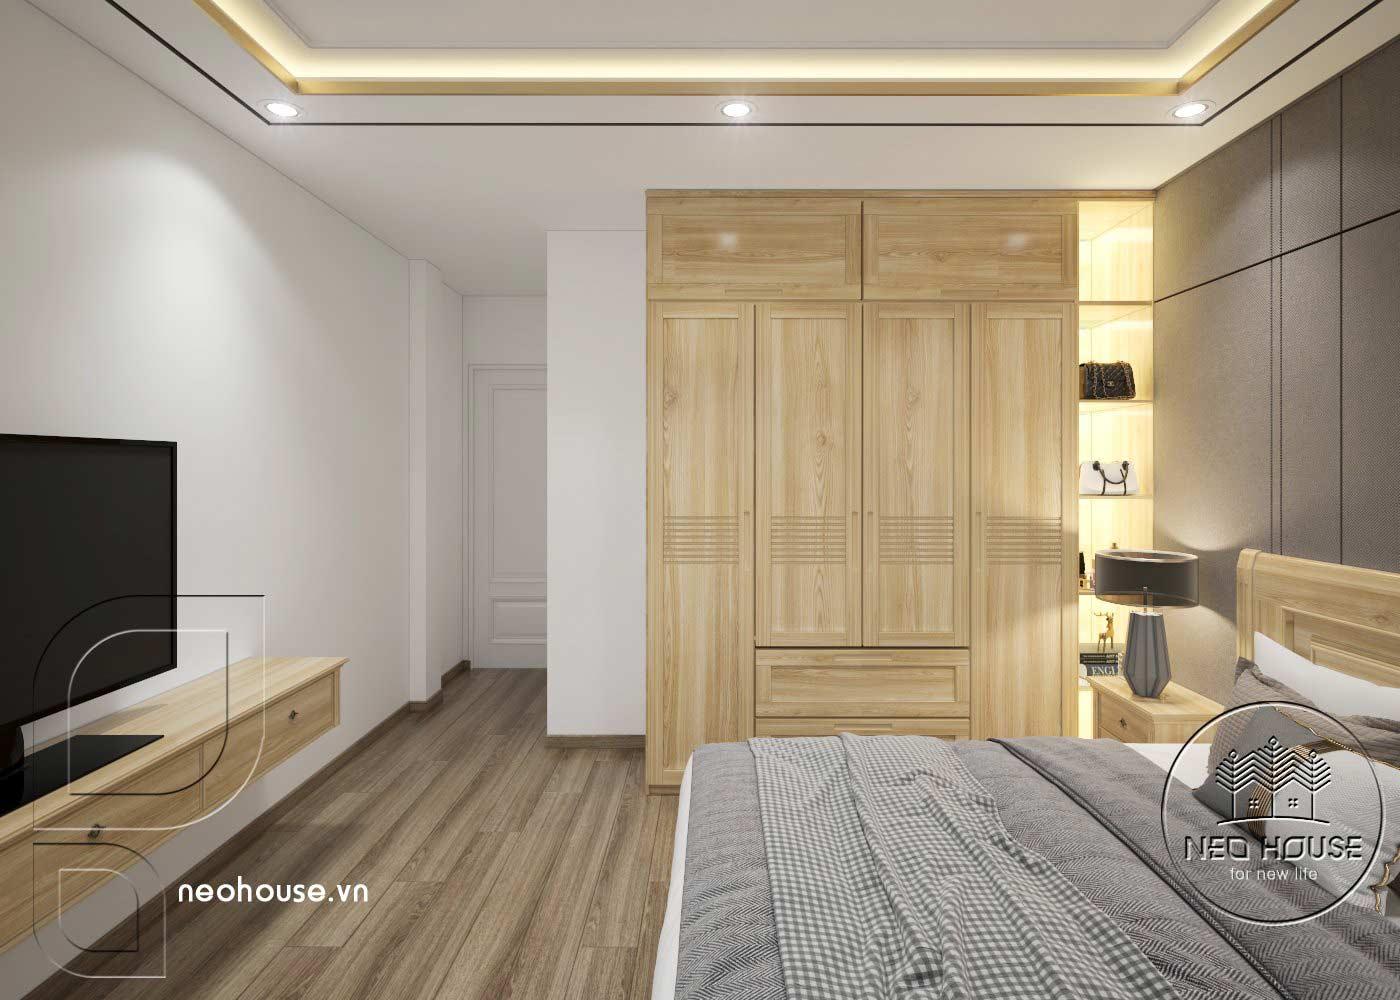 Thiết kế thi công cải tạo nhà phố 3 tầng với không gian nội thất phòng ngủ 04. Ảnh 3